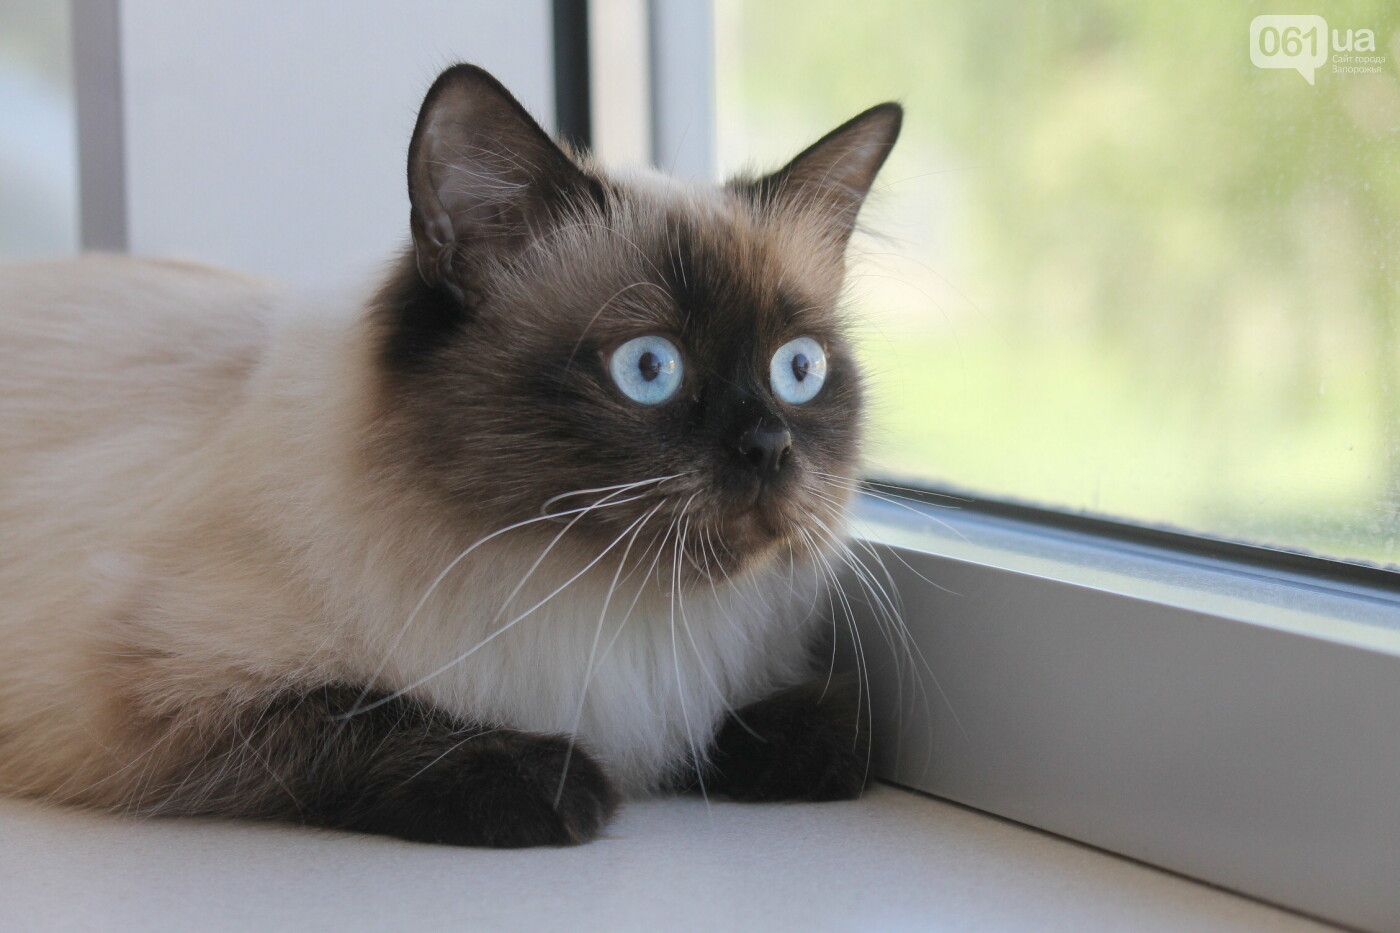 В Запорожье на выставке кошек показали 130 питомцев со всей Украины, – ФОТОРЕПОРТАЖ, фото-2